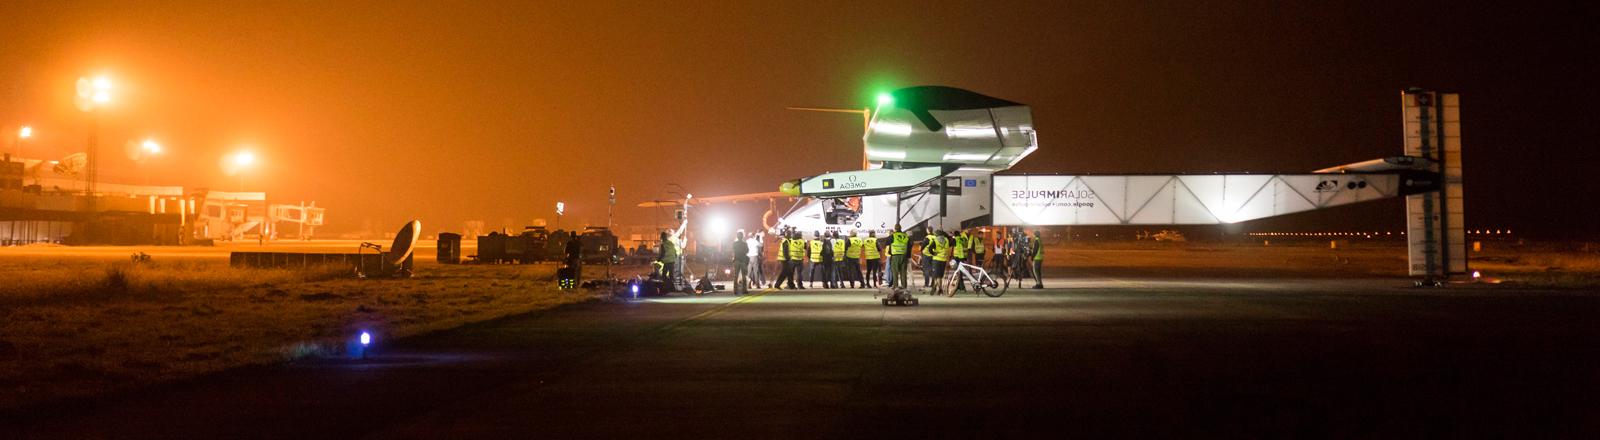 Das Solarflugzeug Solar Impulse 2 wird am 29.06.2015 für den Start vorbereitet.